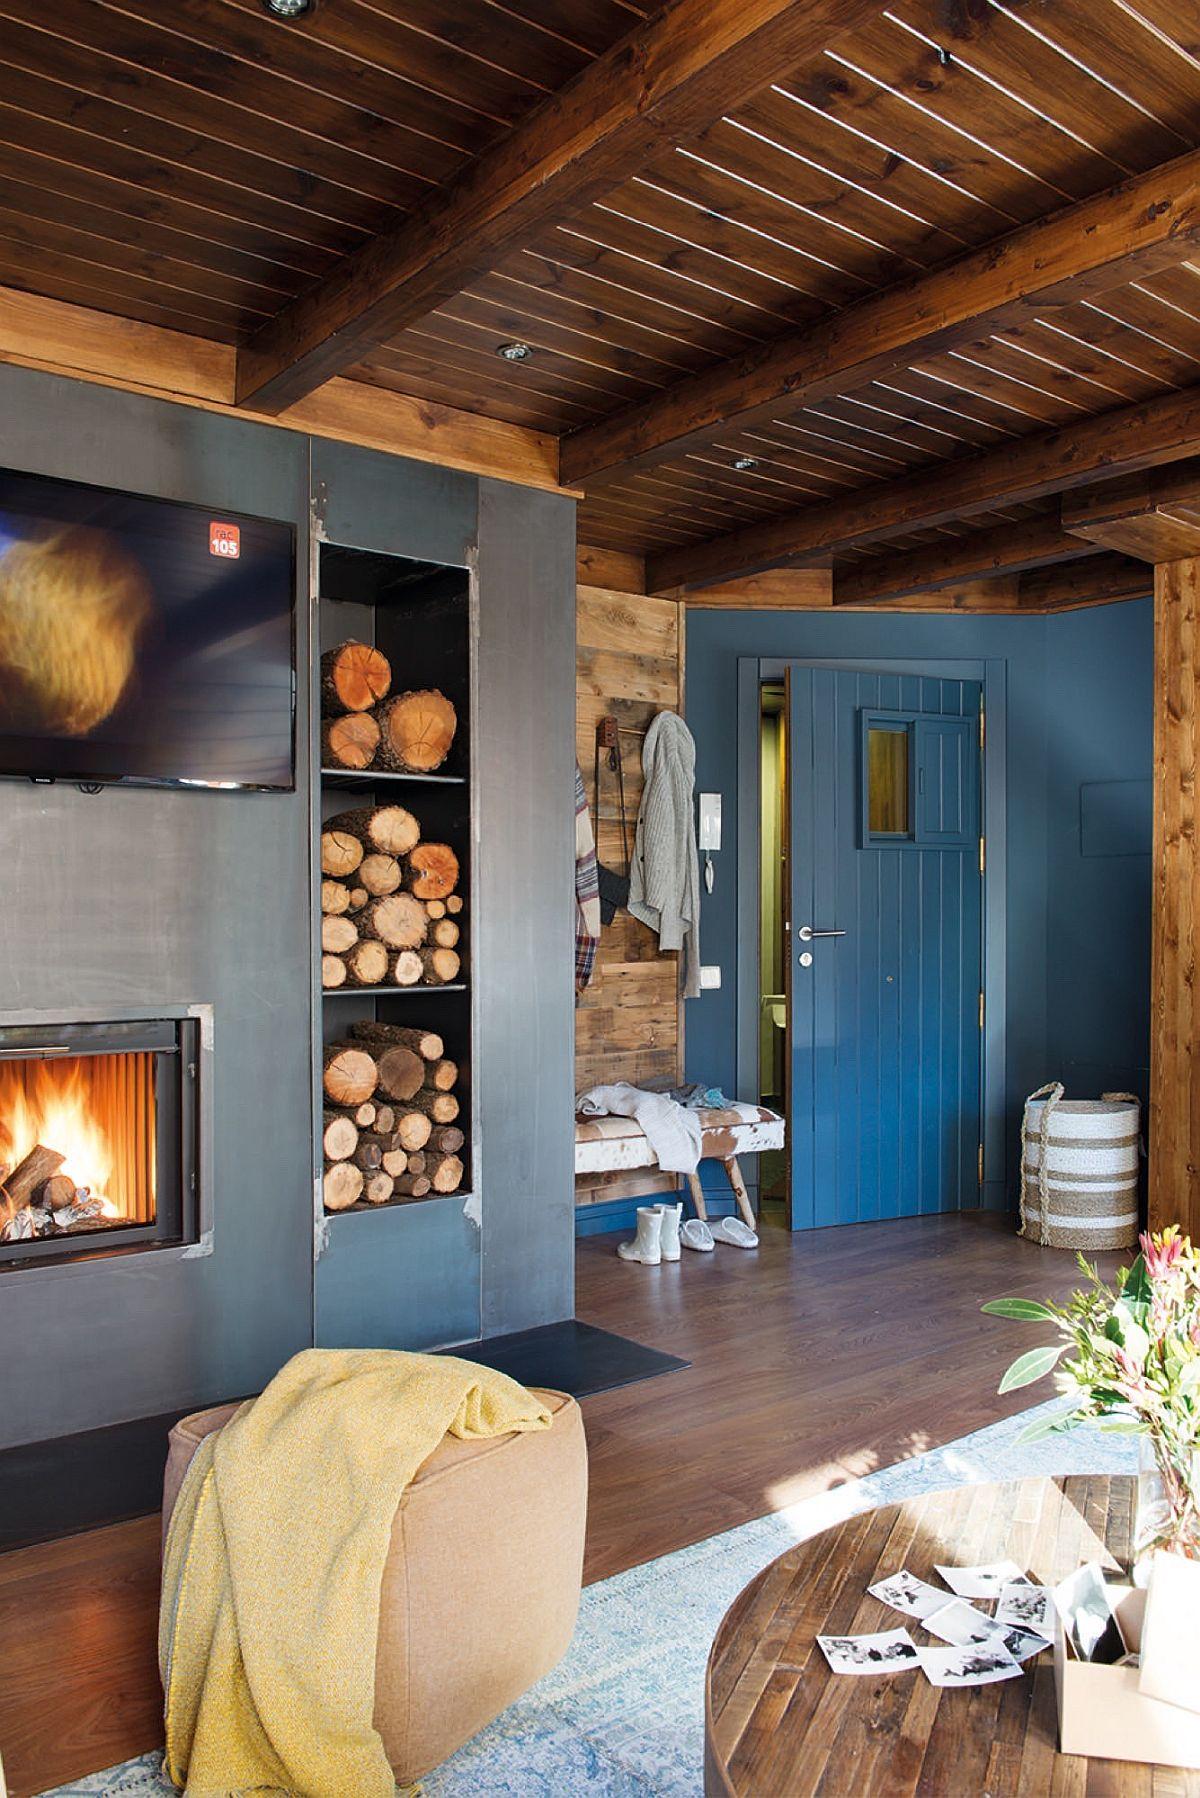 Intrarea în zona de zi coincide cu cea în cabană, unde lemnul domină spațiul. Dar cu ce poți asorta suprafețele din lemn de nuanță închisă? Cu alte tonuri închise, în special de albastru, mai ales dacă baițul lemnului este ales într-o nuanță brun roșcată. De asemenea, nuanțele de gri antracit se potrivesc și ele foarte bine.